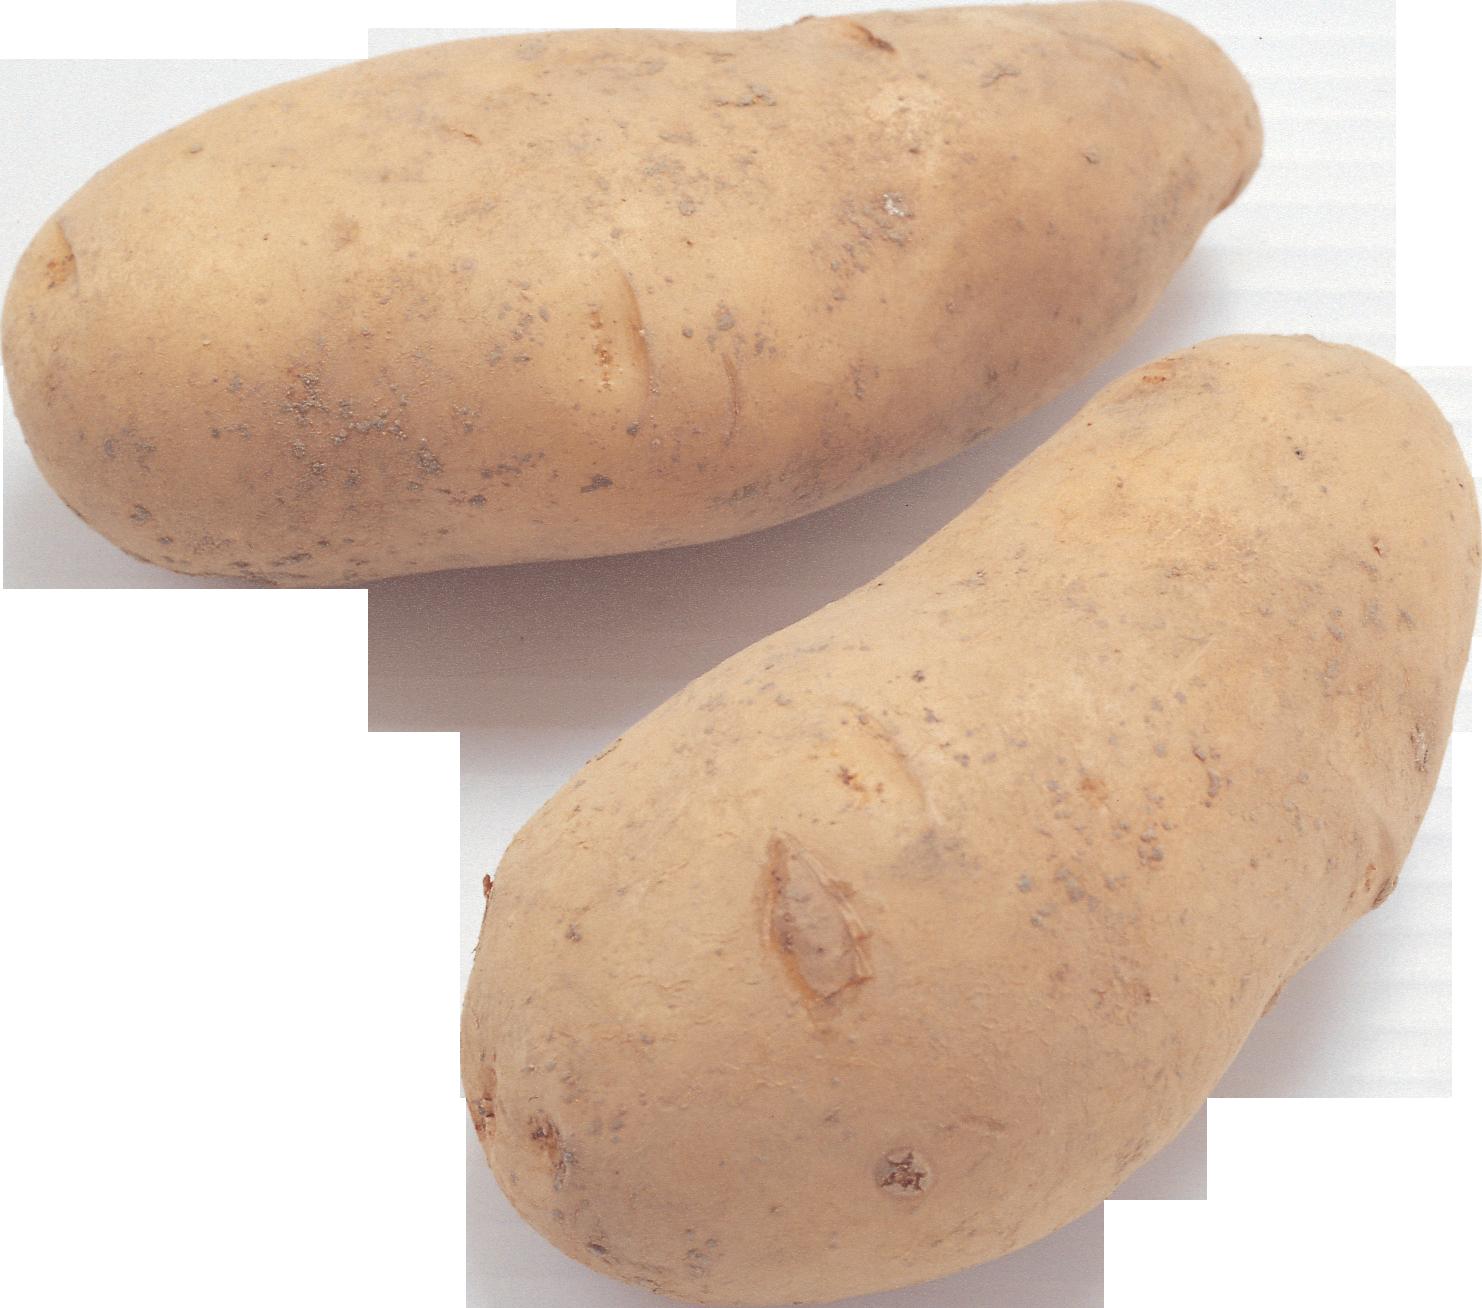 овощи картошка картинки красивые зверьки, тактильный